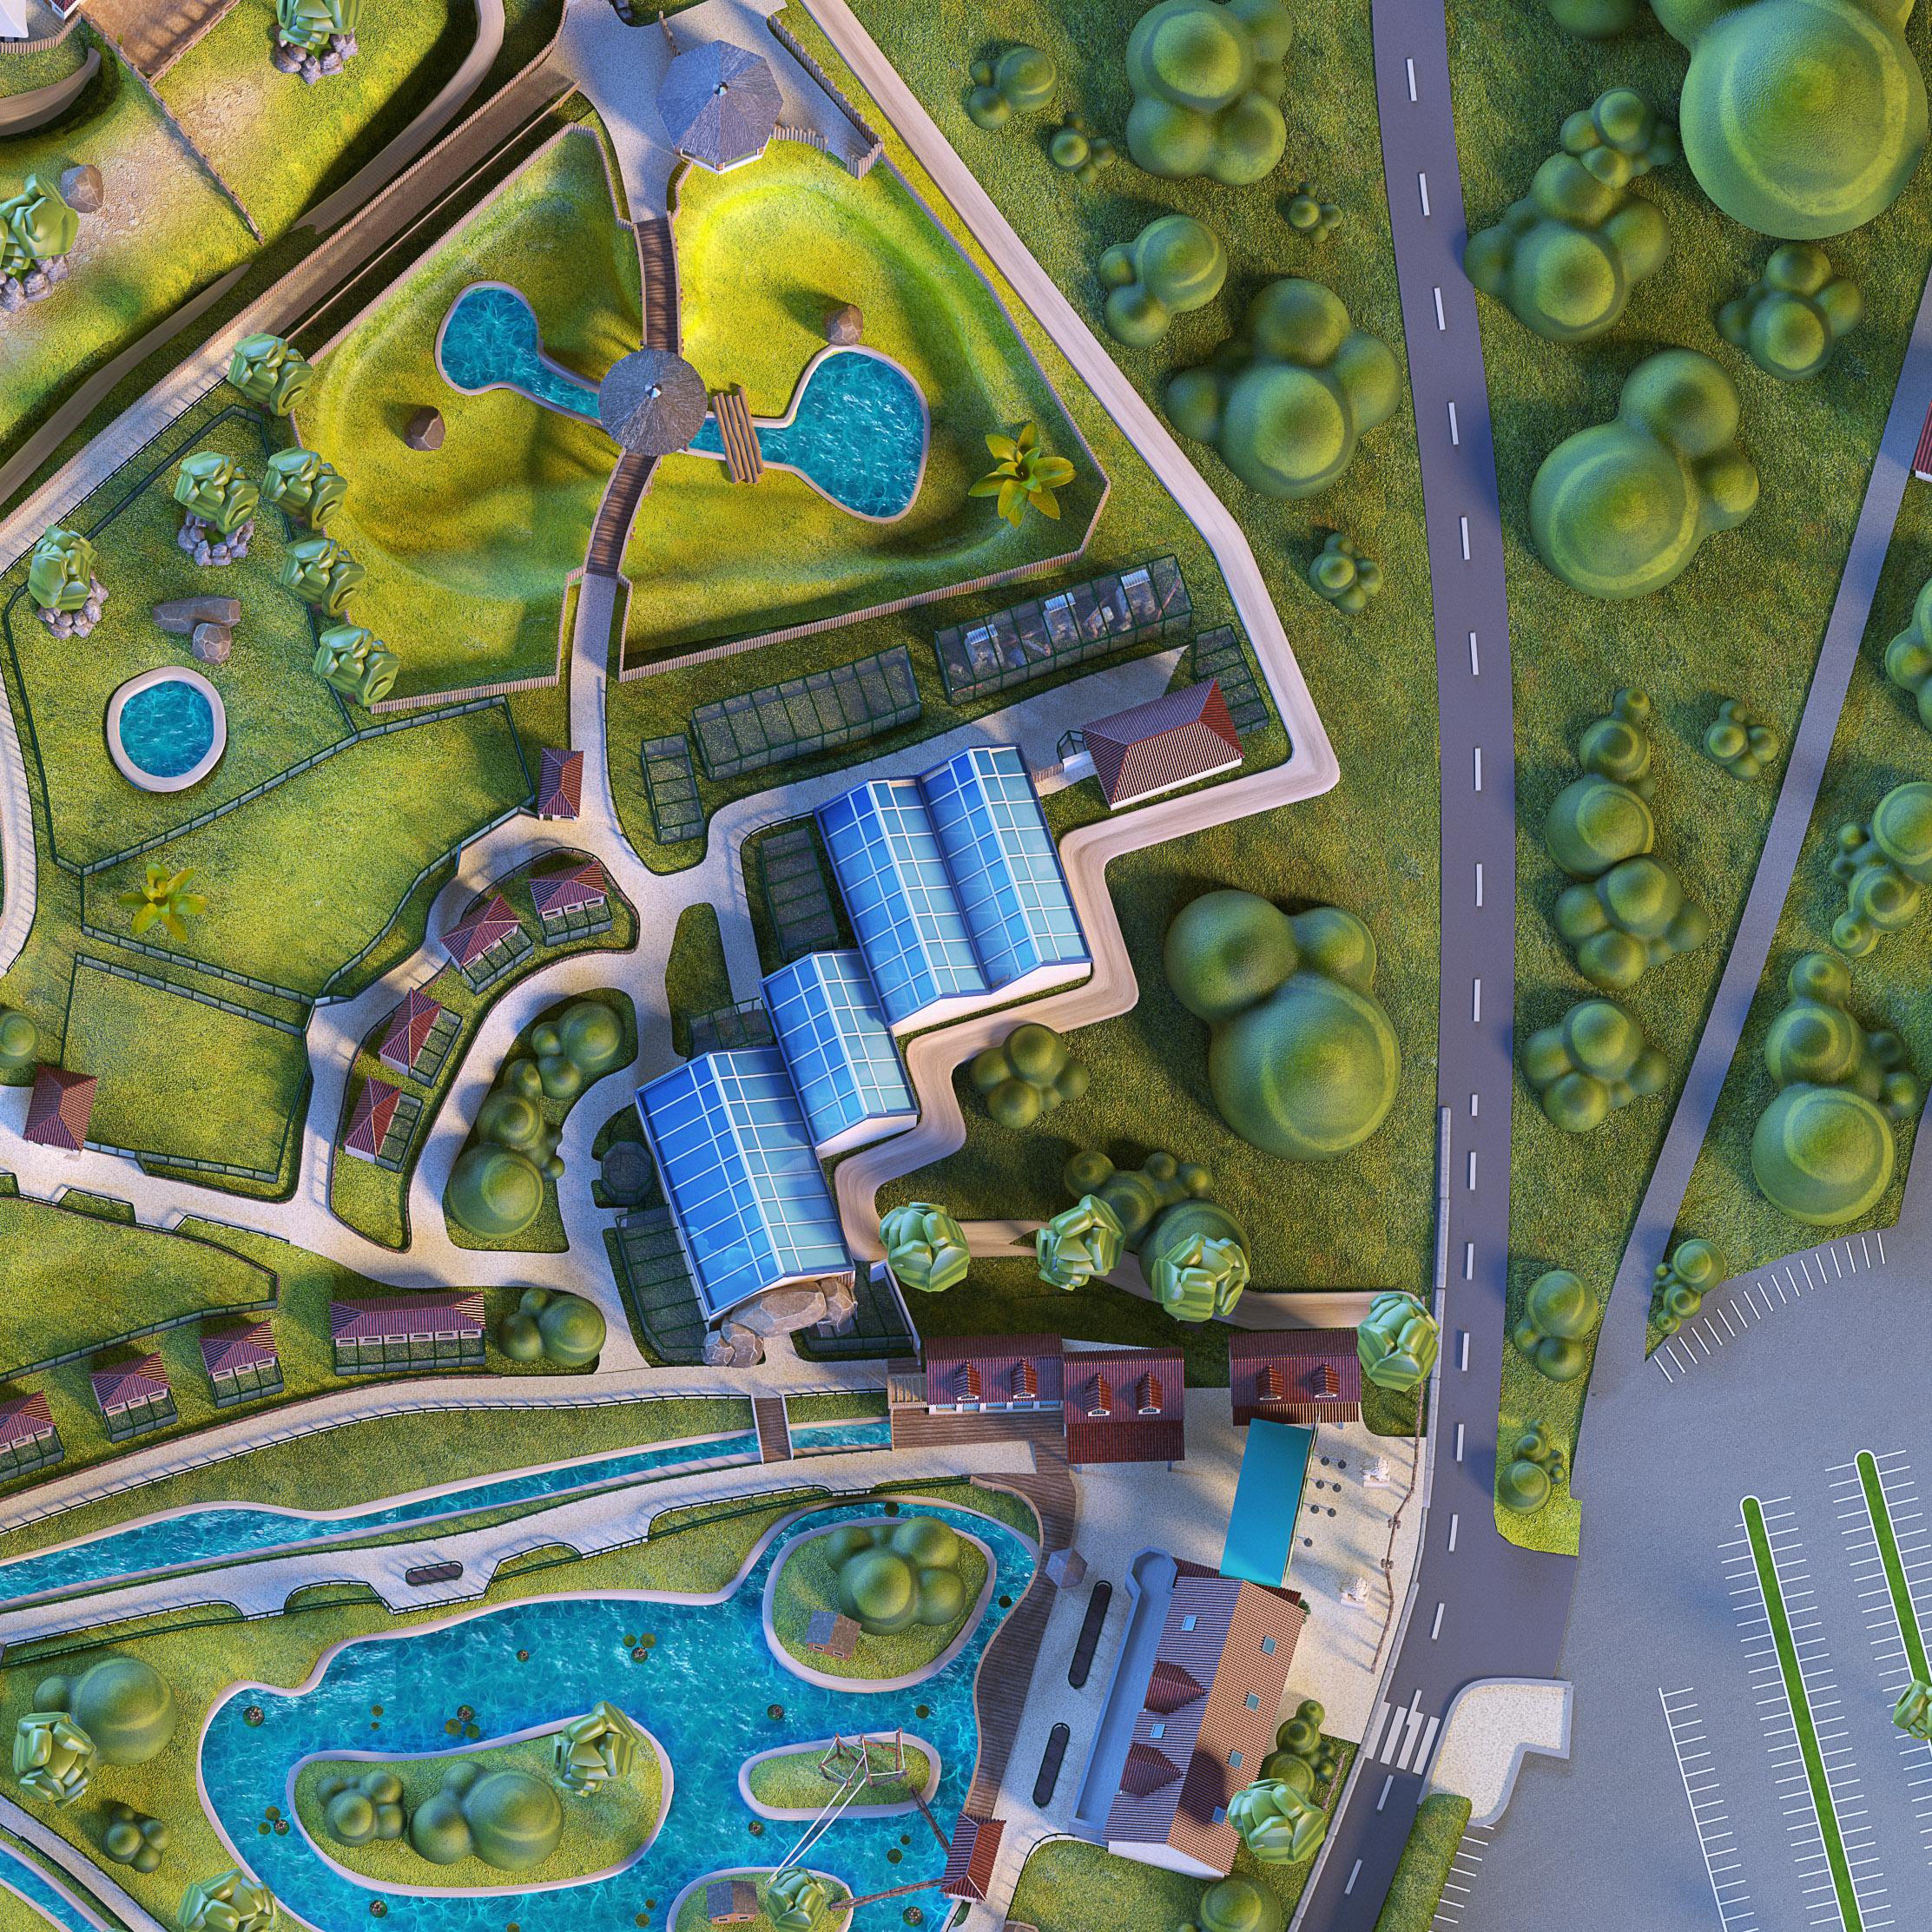 GALERIE-Dripmoon-Studio-3D-Tours-Motion-design-Zooparc-de-Beauval-Plan-du-parc 5